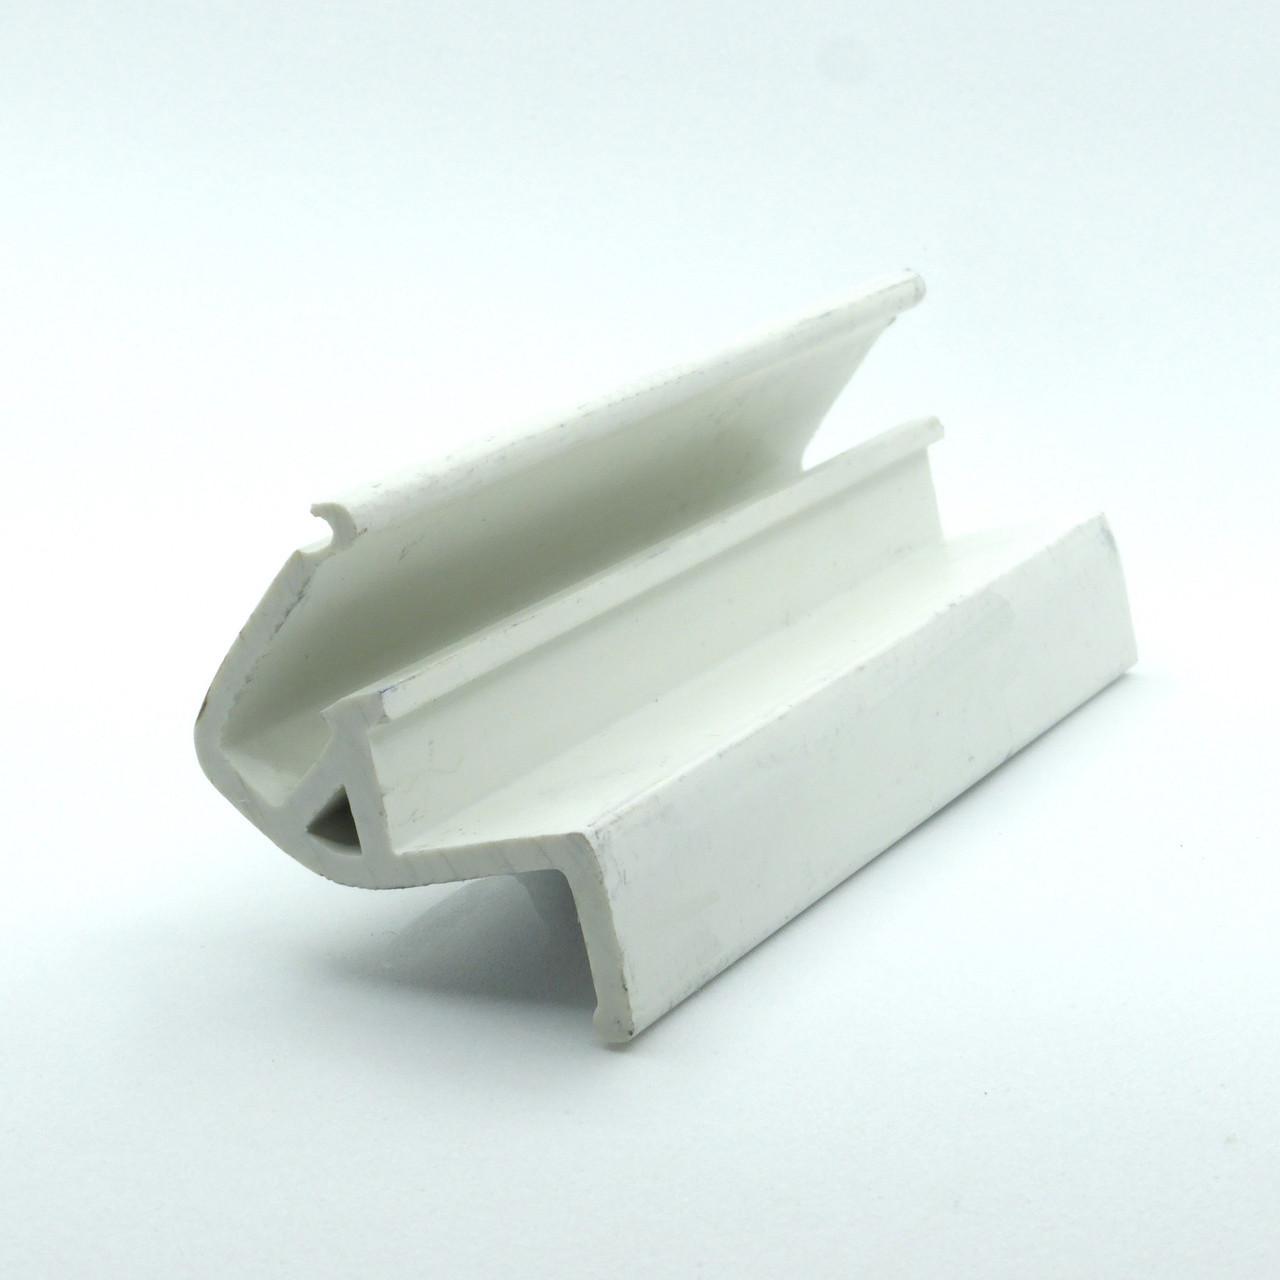 Профиль пластиковый для натяжных потолков - парящий (без вставки). Длина профиля 2,5 м.